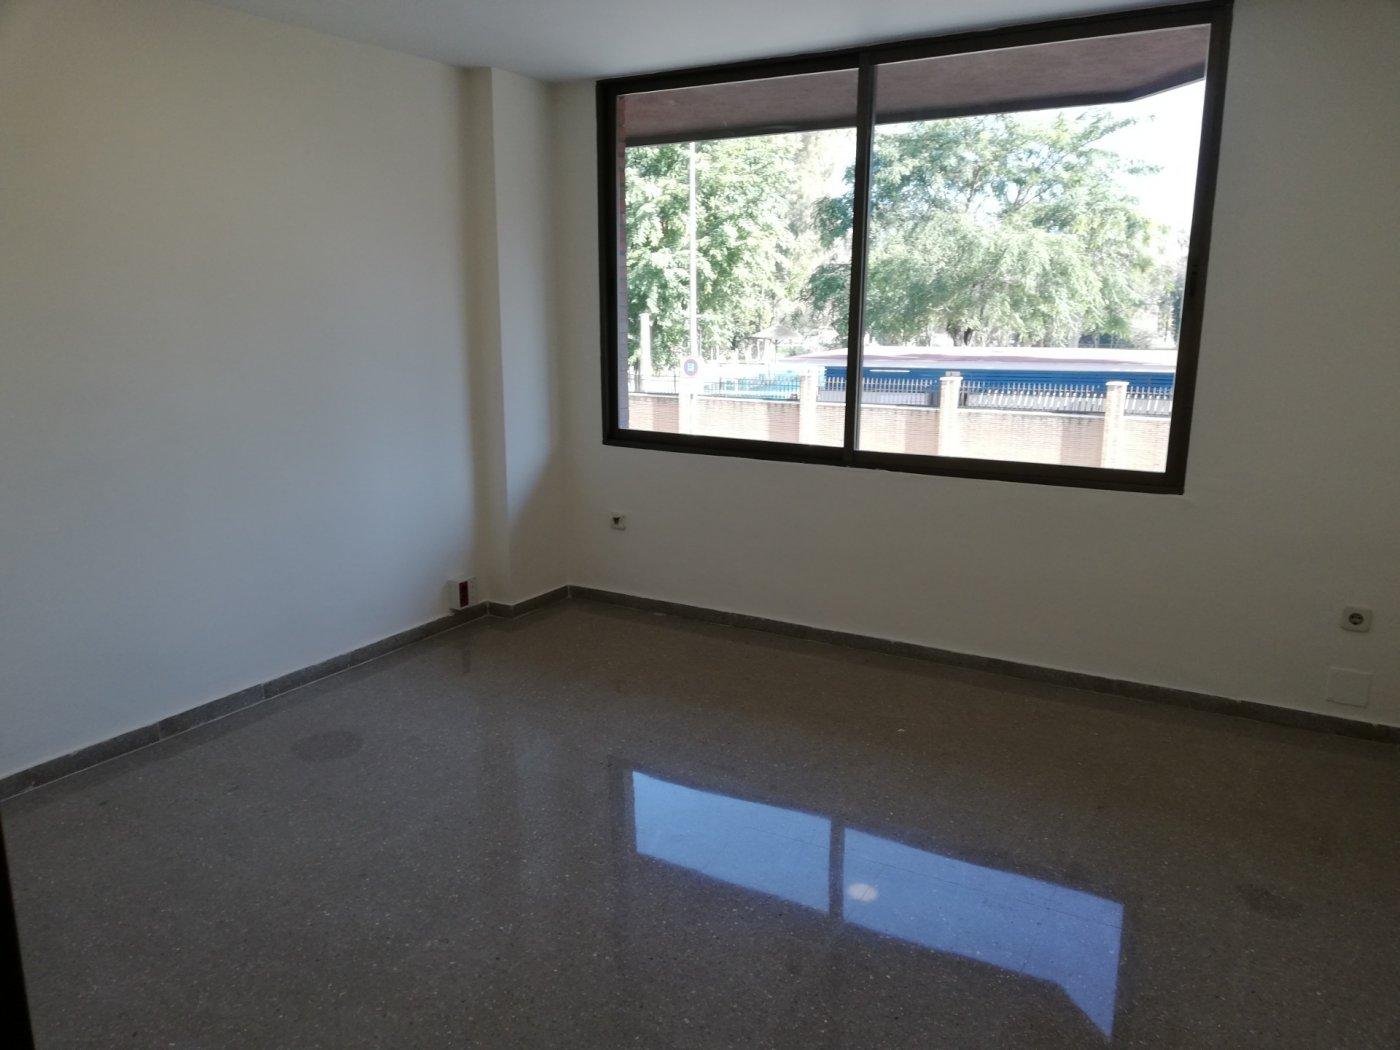 oficina en sevilla · plaza-de-cuba---republica-argentina 425€